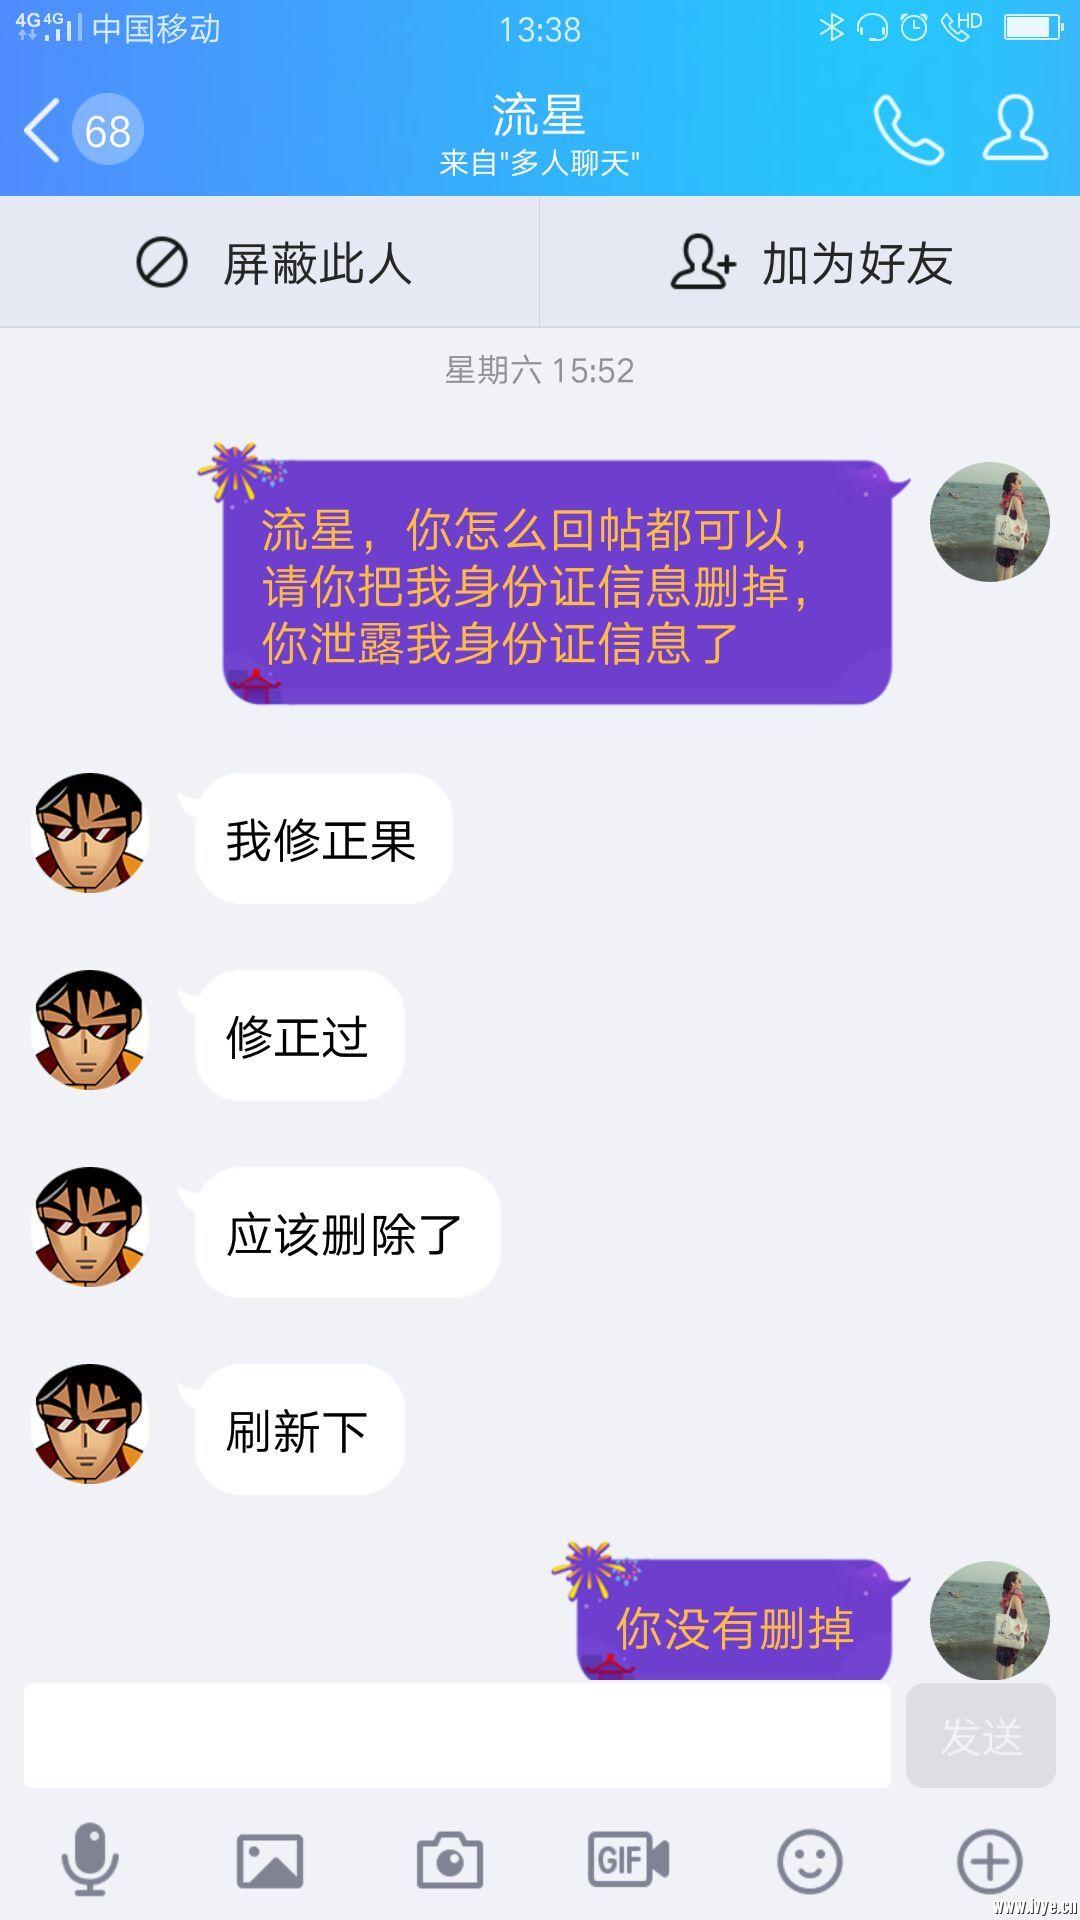 QQ图片20180627221303.jpg